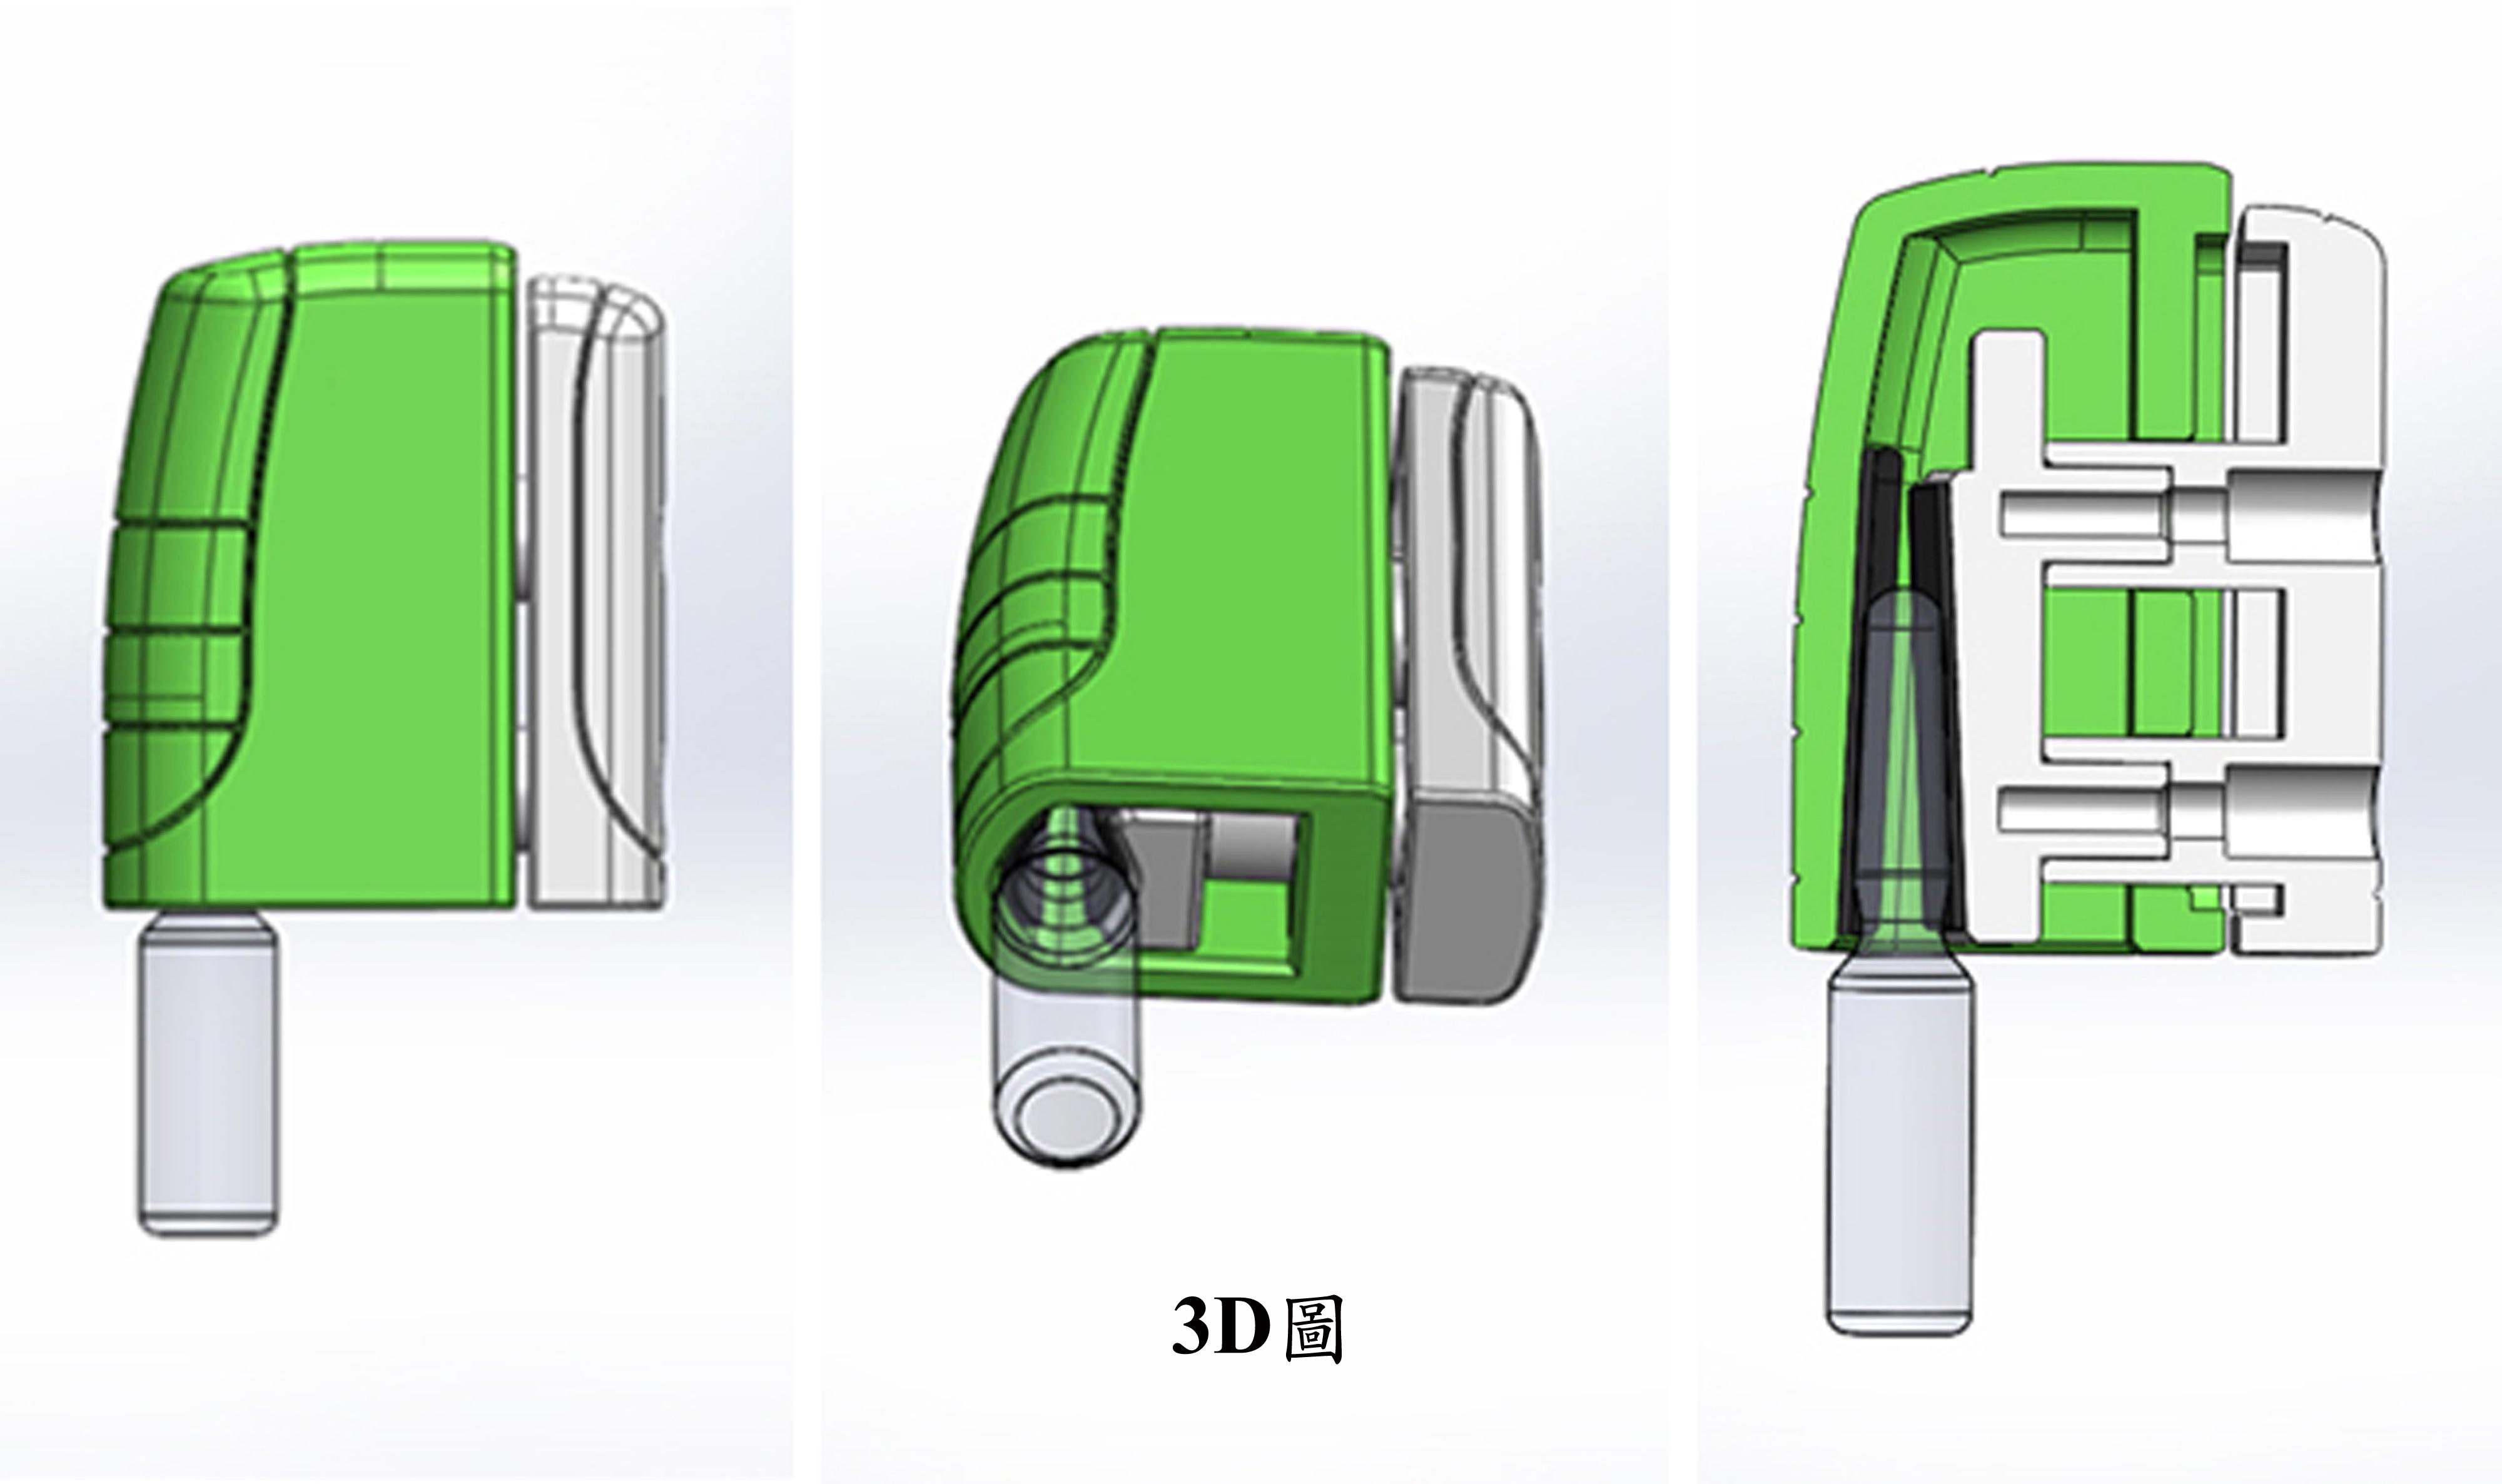 安瓿剝開器3D圖